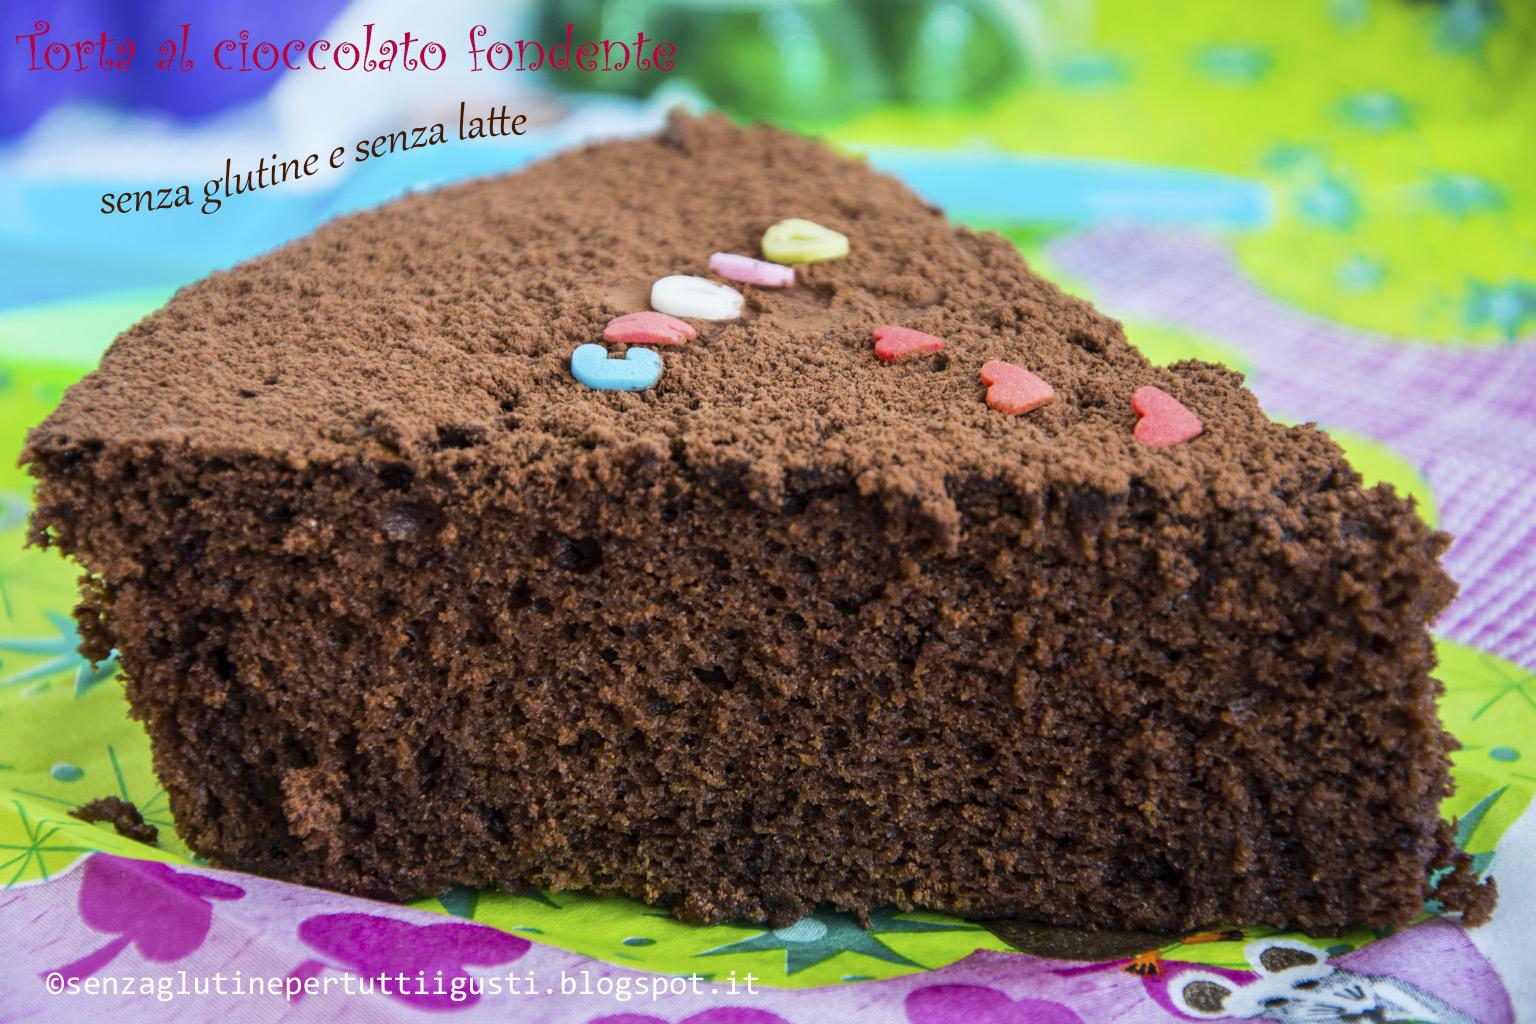 torta_al_cioccolato_fondente_senza_glutine_e_senza_latte.jpg